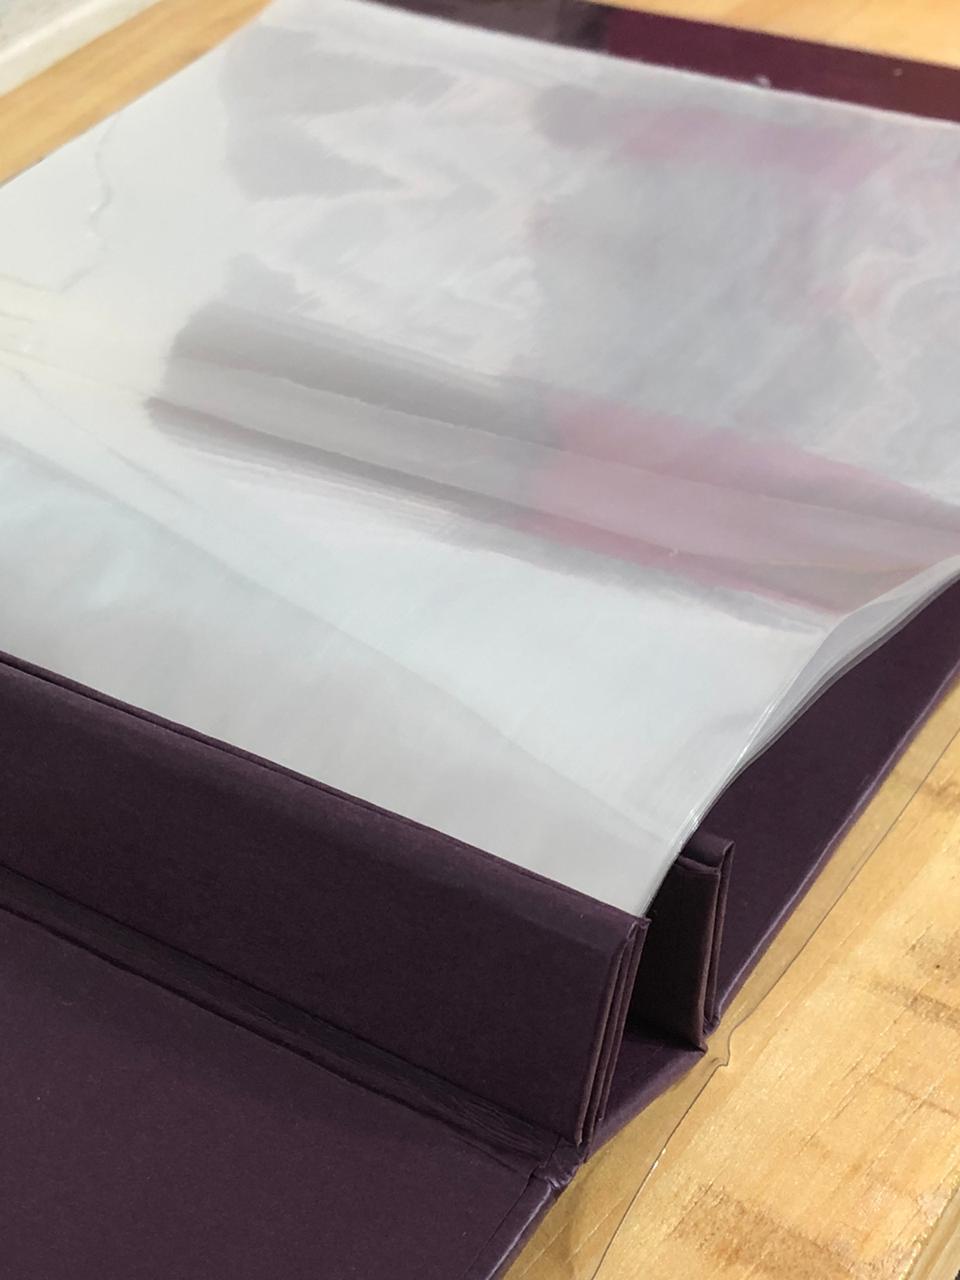 06.03.004 - Album M Violeta - Oficina do Papel